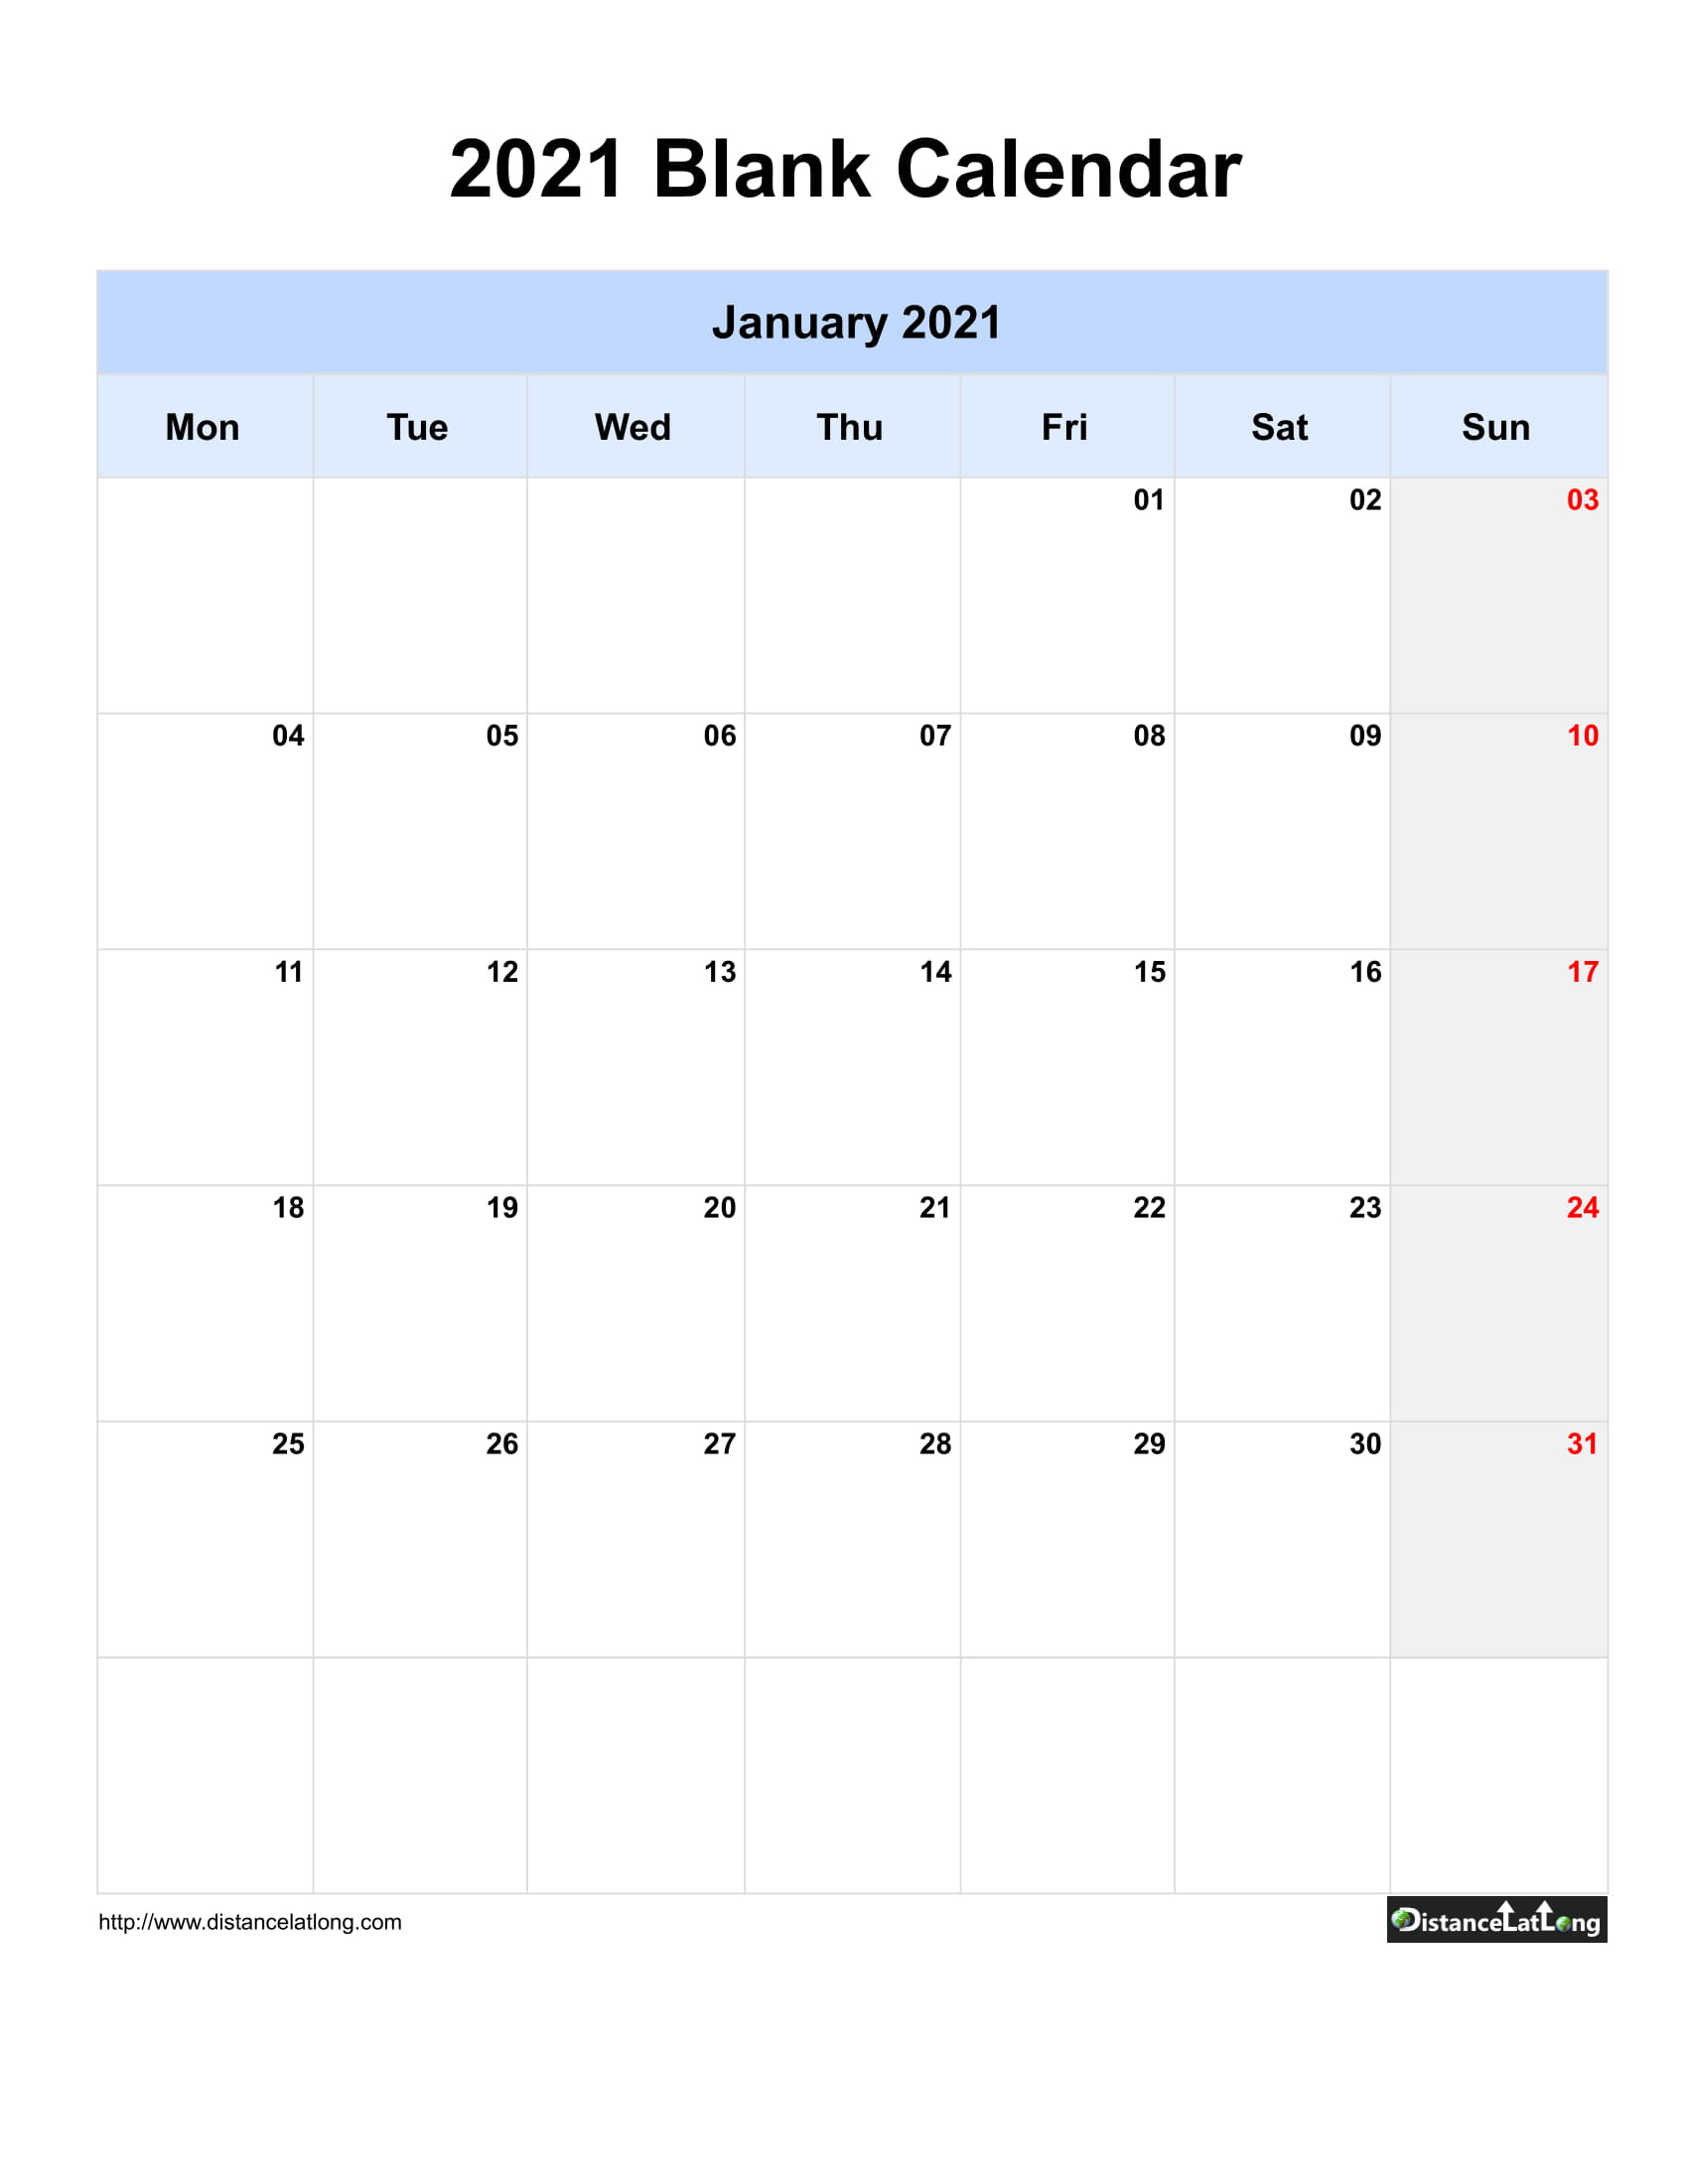 2021 Blank Calendar Blank Portrait Orientation Free